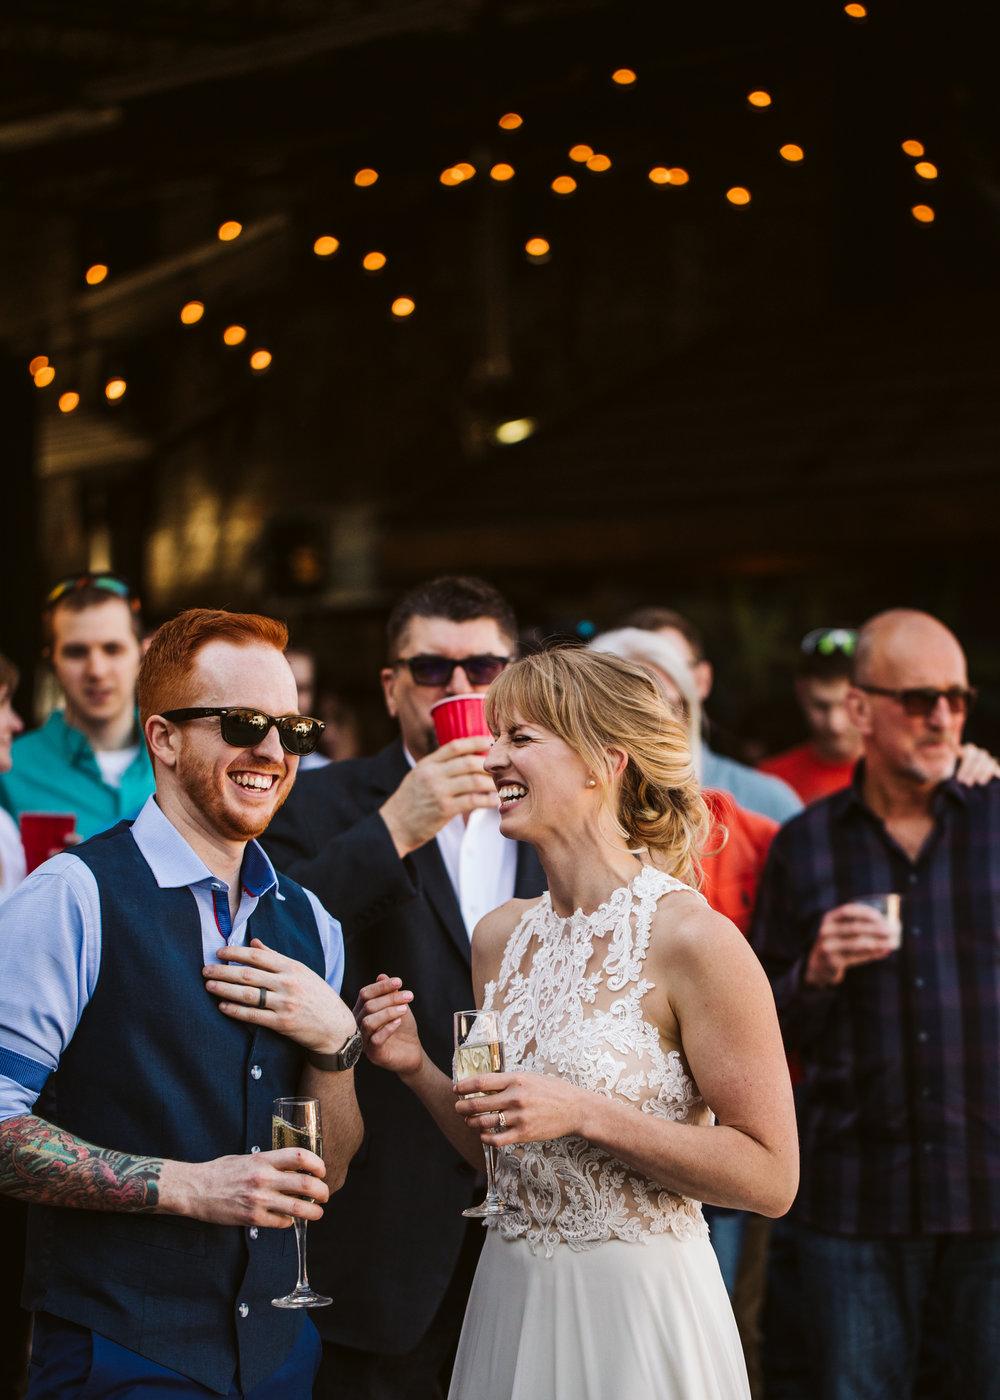 Aryn & Spencer | KC Autoworx Wedding | Black Coffee Photo Co 44.jpg